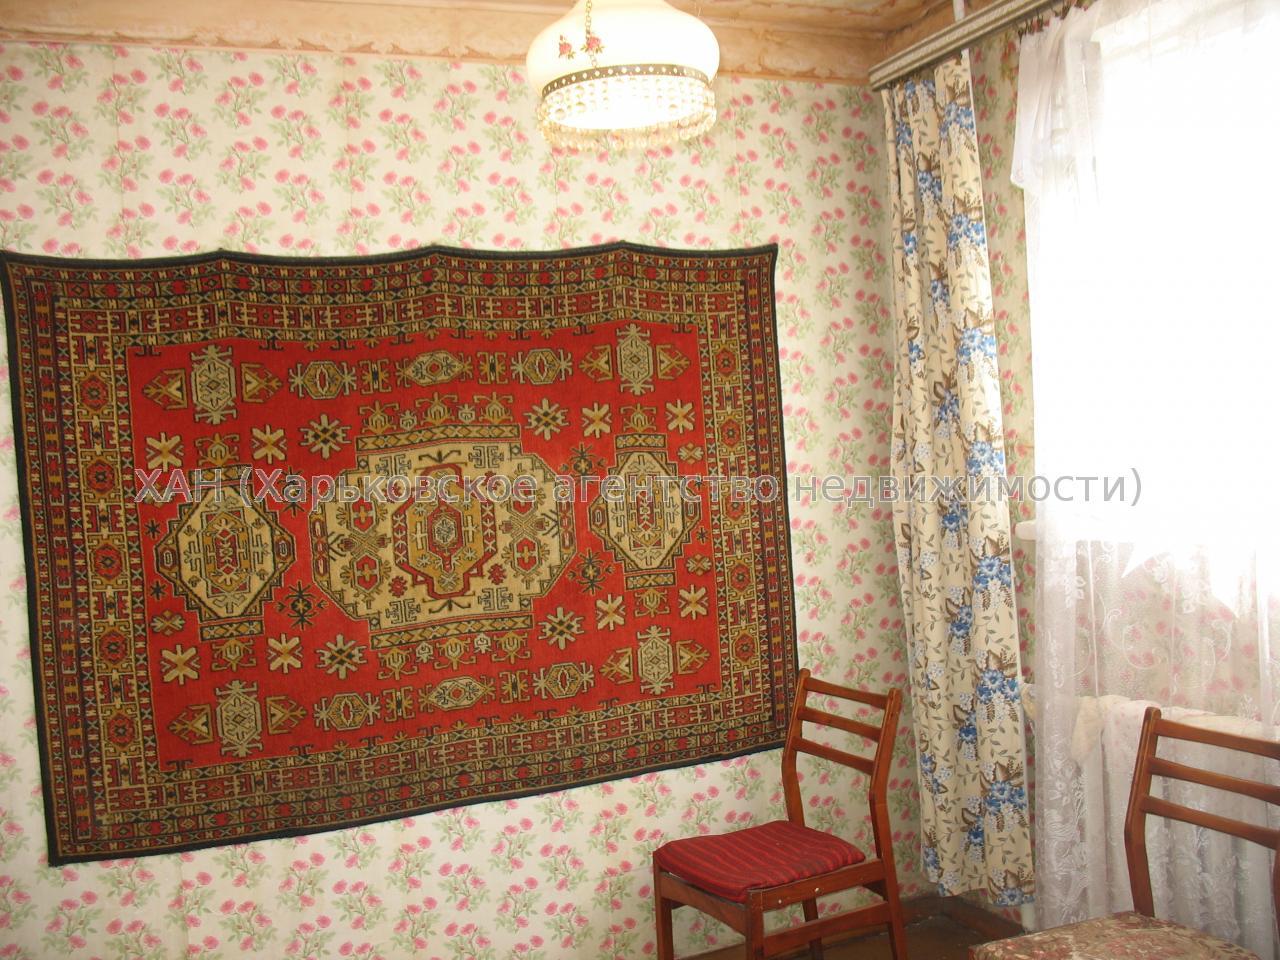 Фото 3 - Продам квартиру Харьков, Гагарина просп.